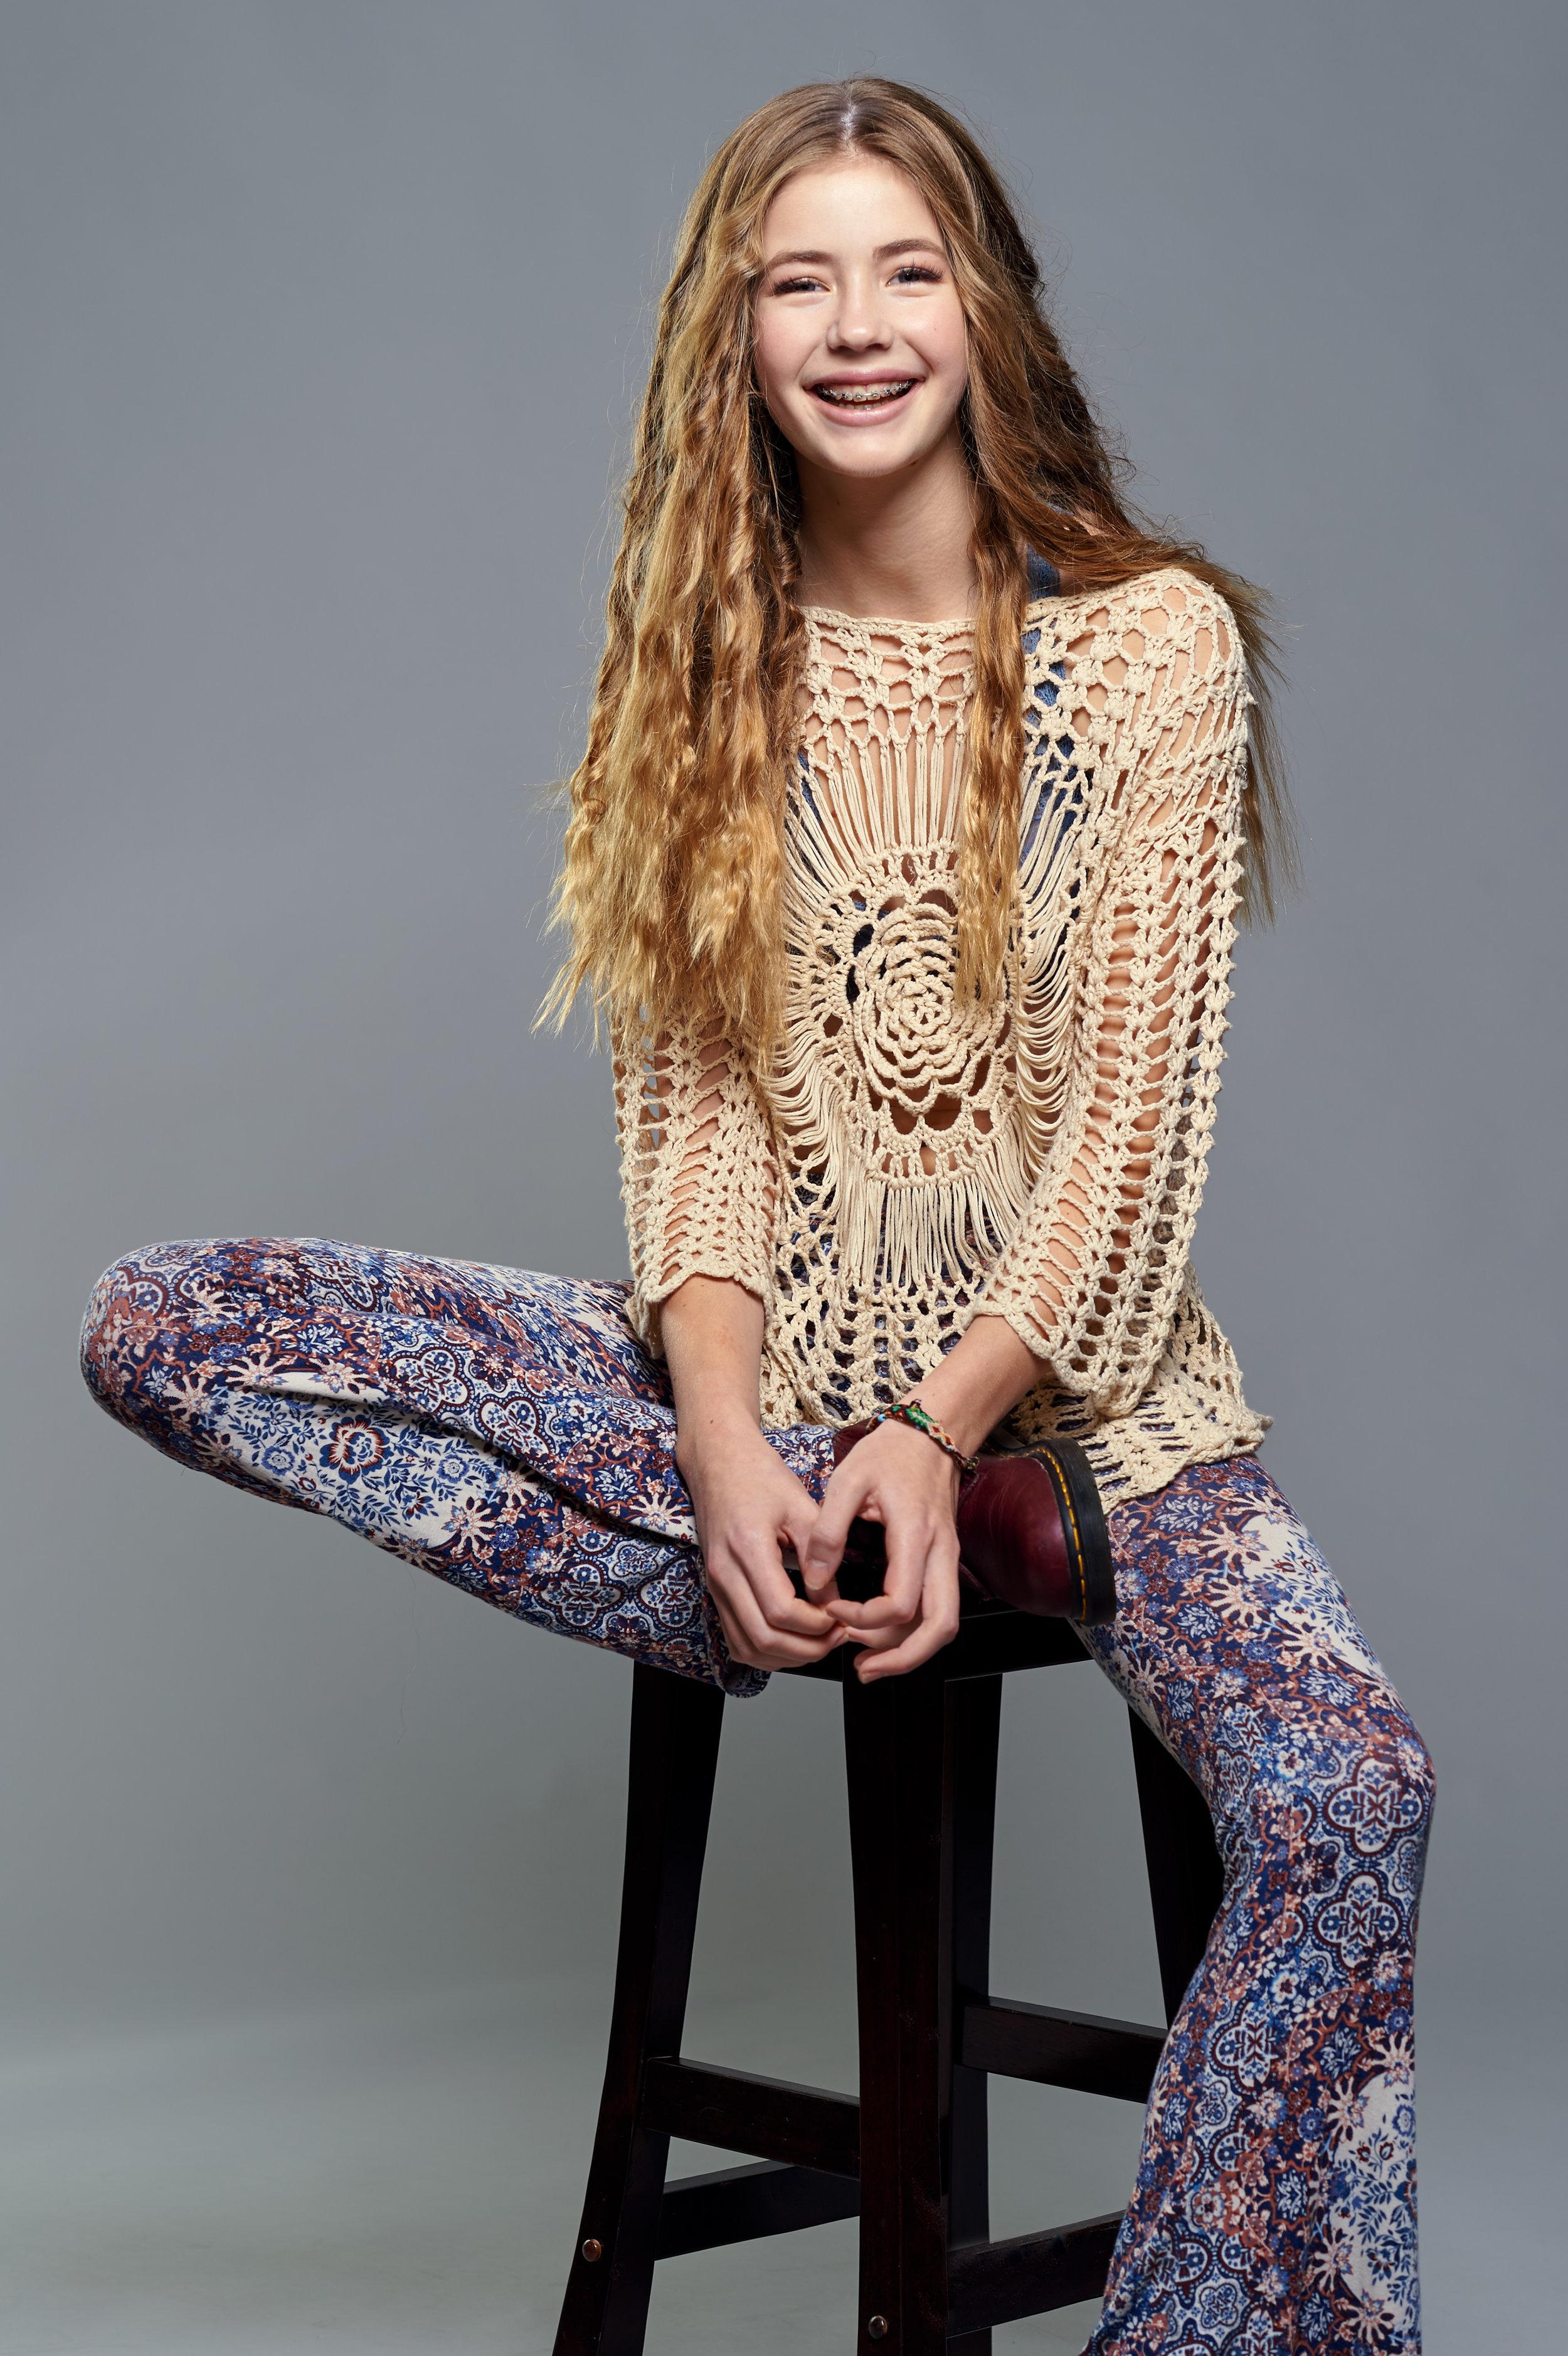 Marta-Hewson-Saffron-Du-Preez-Model-Portfolio-46343.jpg